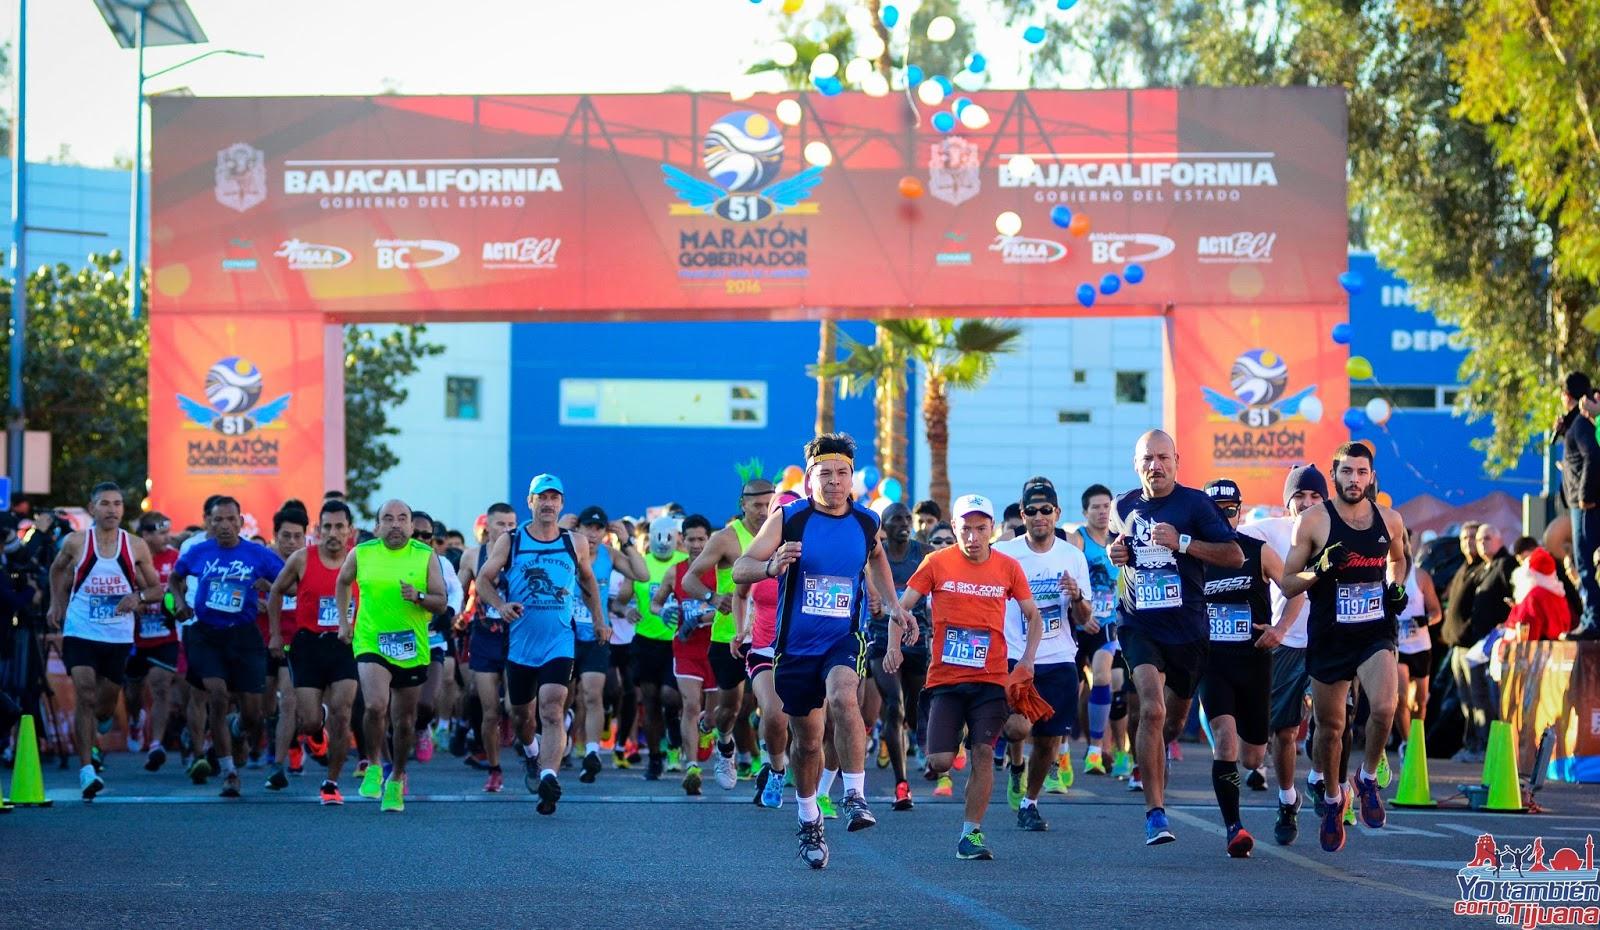 maraton gobernador mexicali